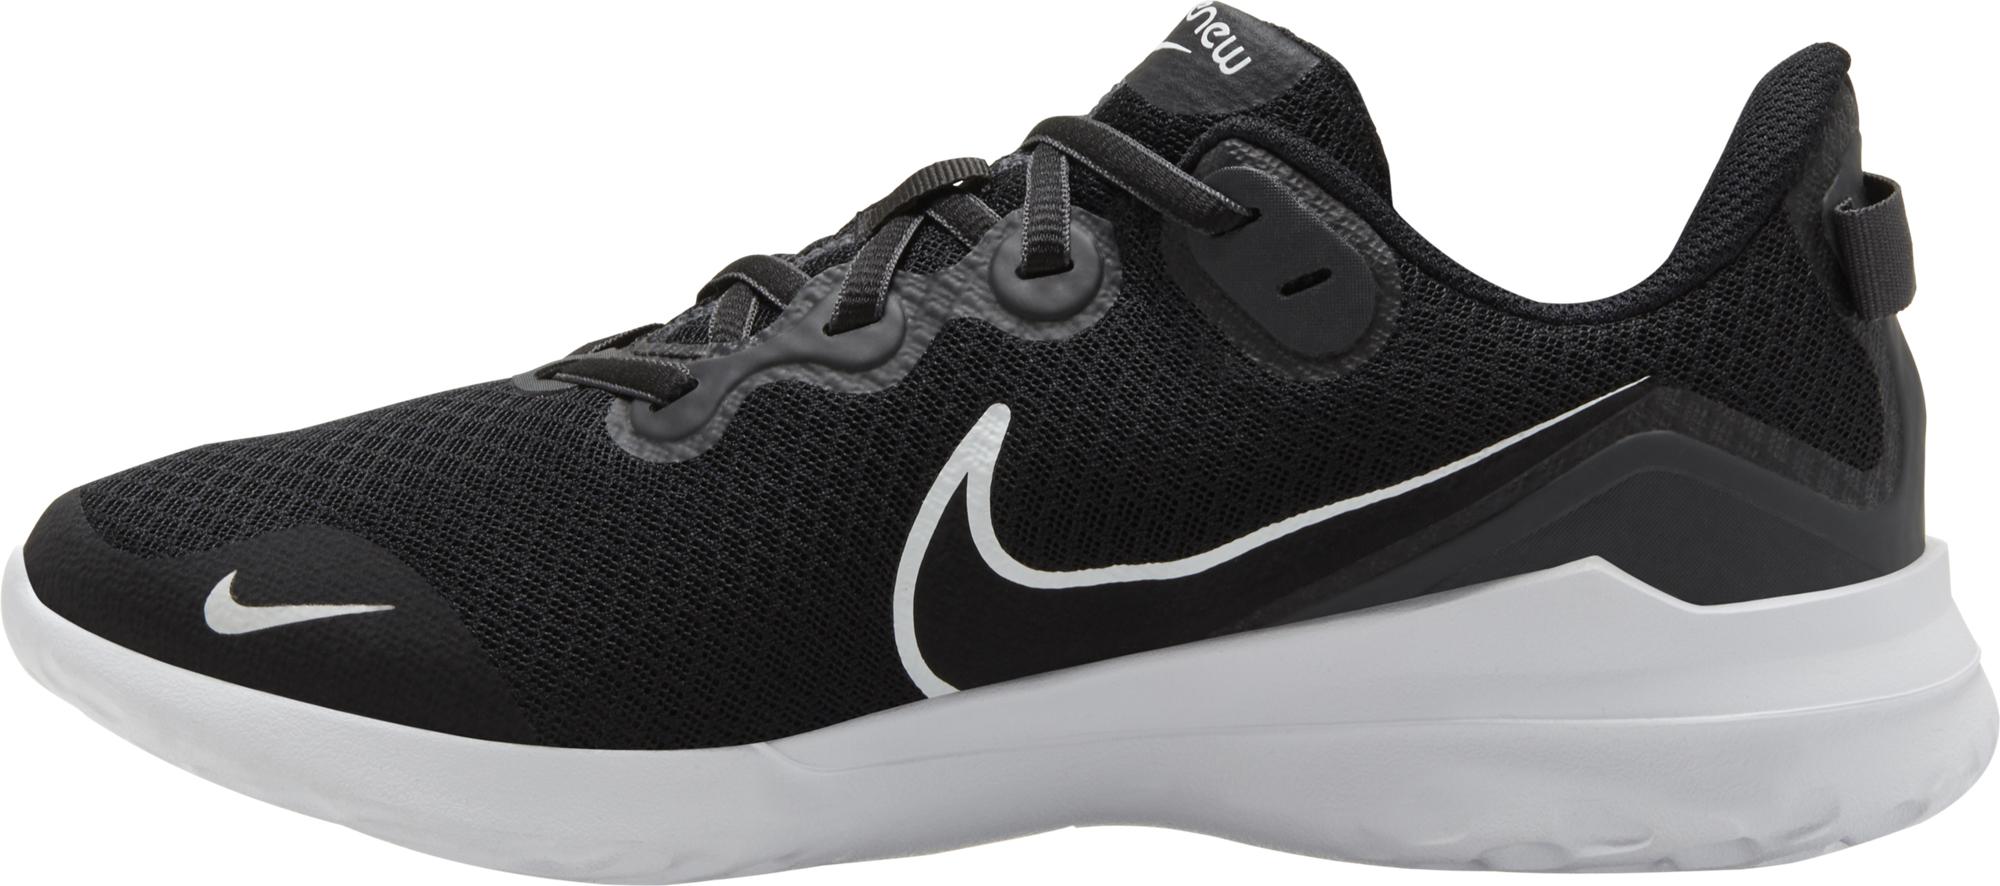 Nike Кроссовки женские Renew Arena 2, размер 39